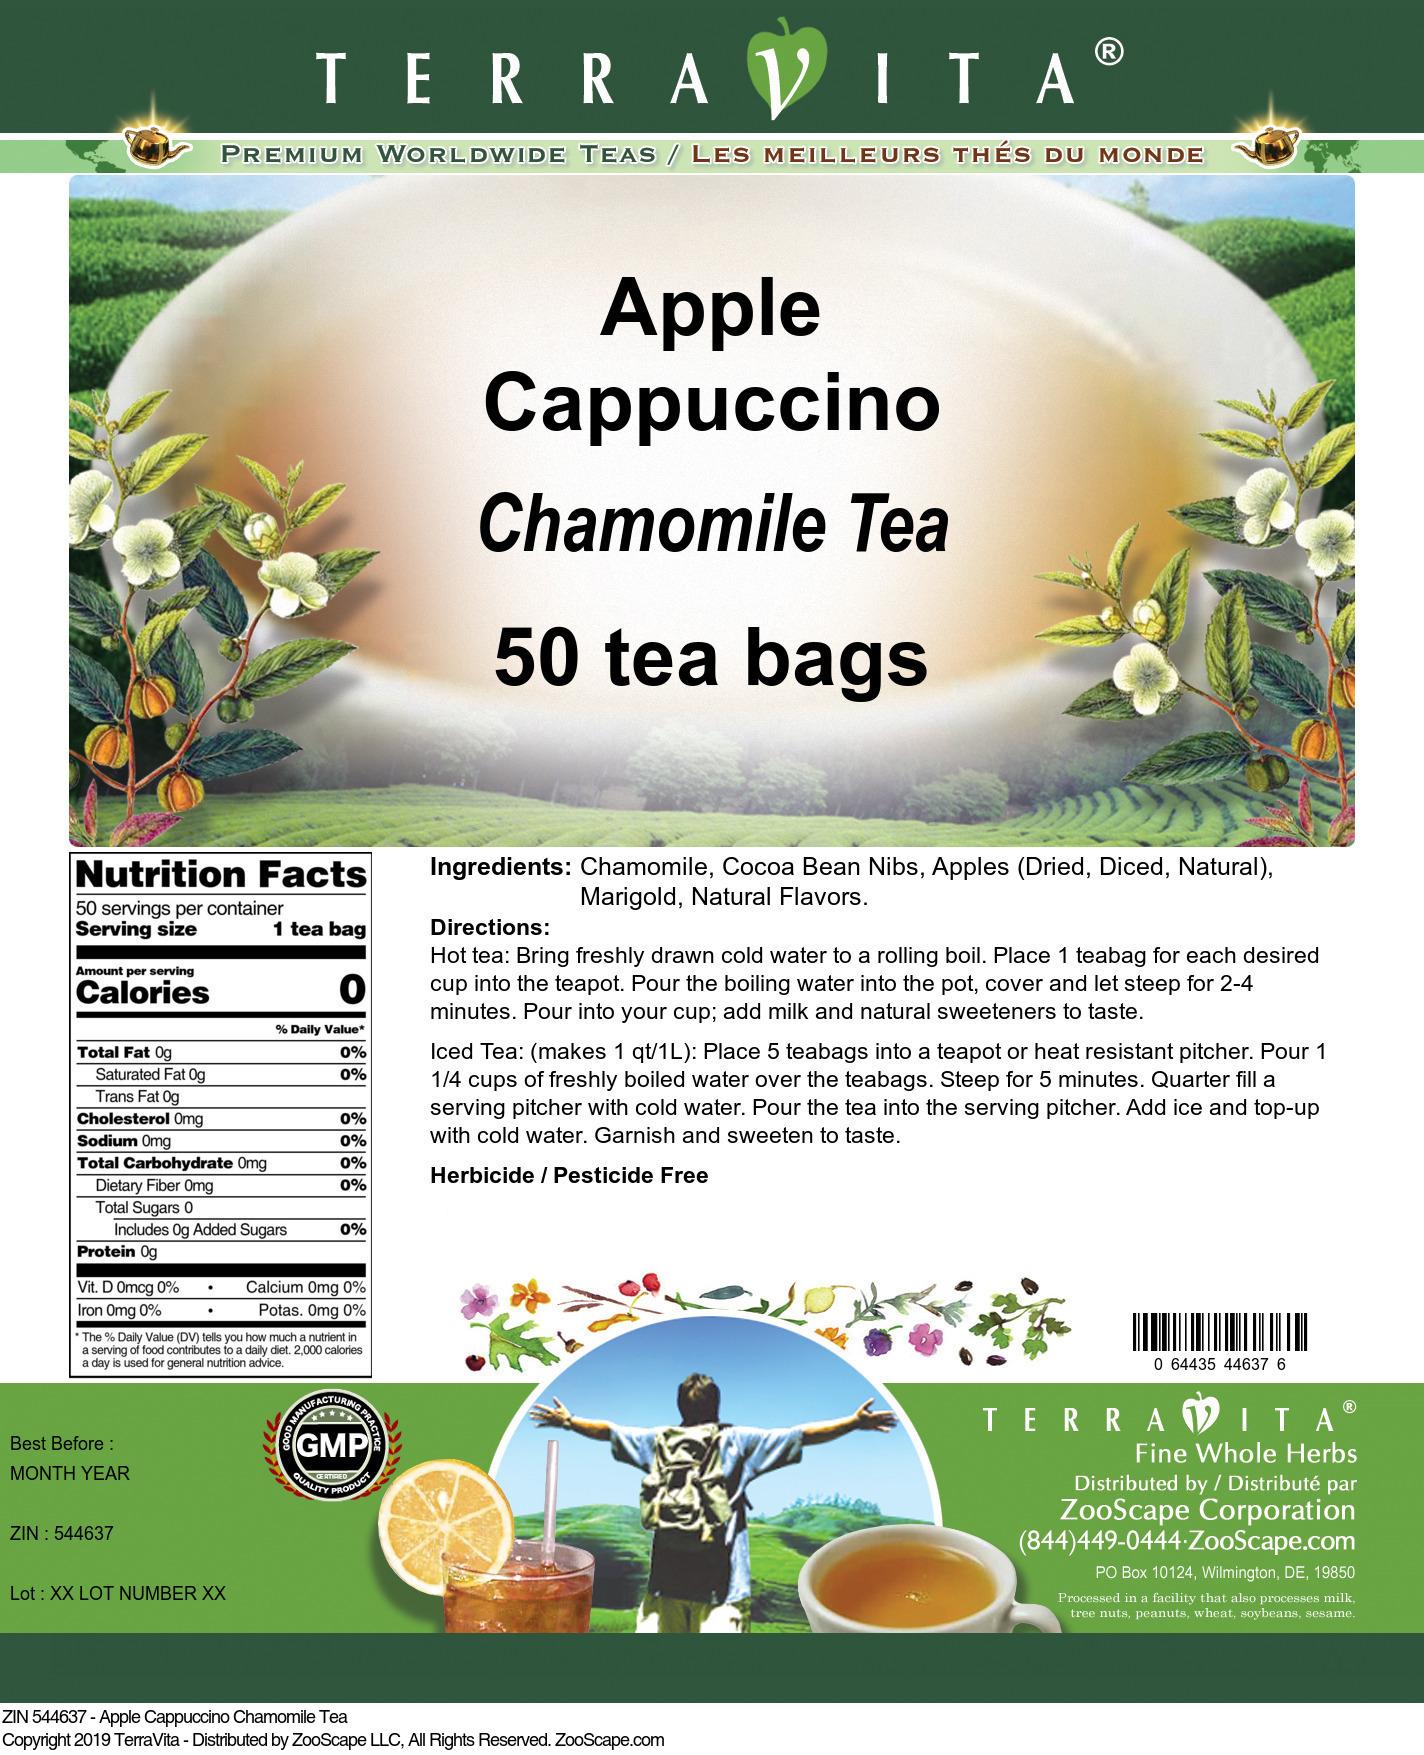 Apple Cappuccino Chamomile Tea